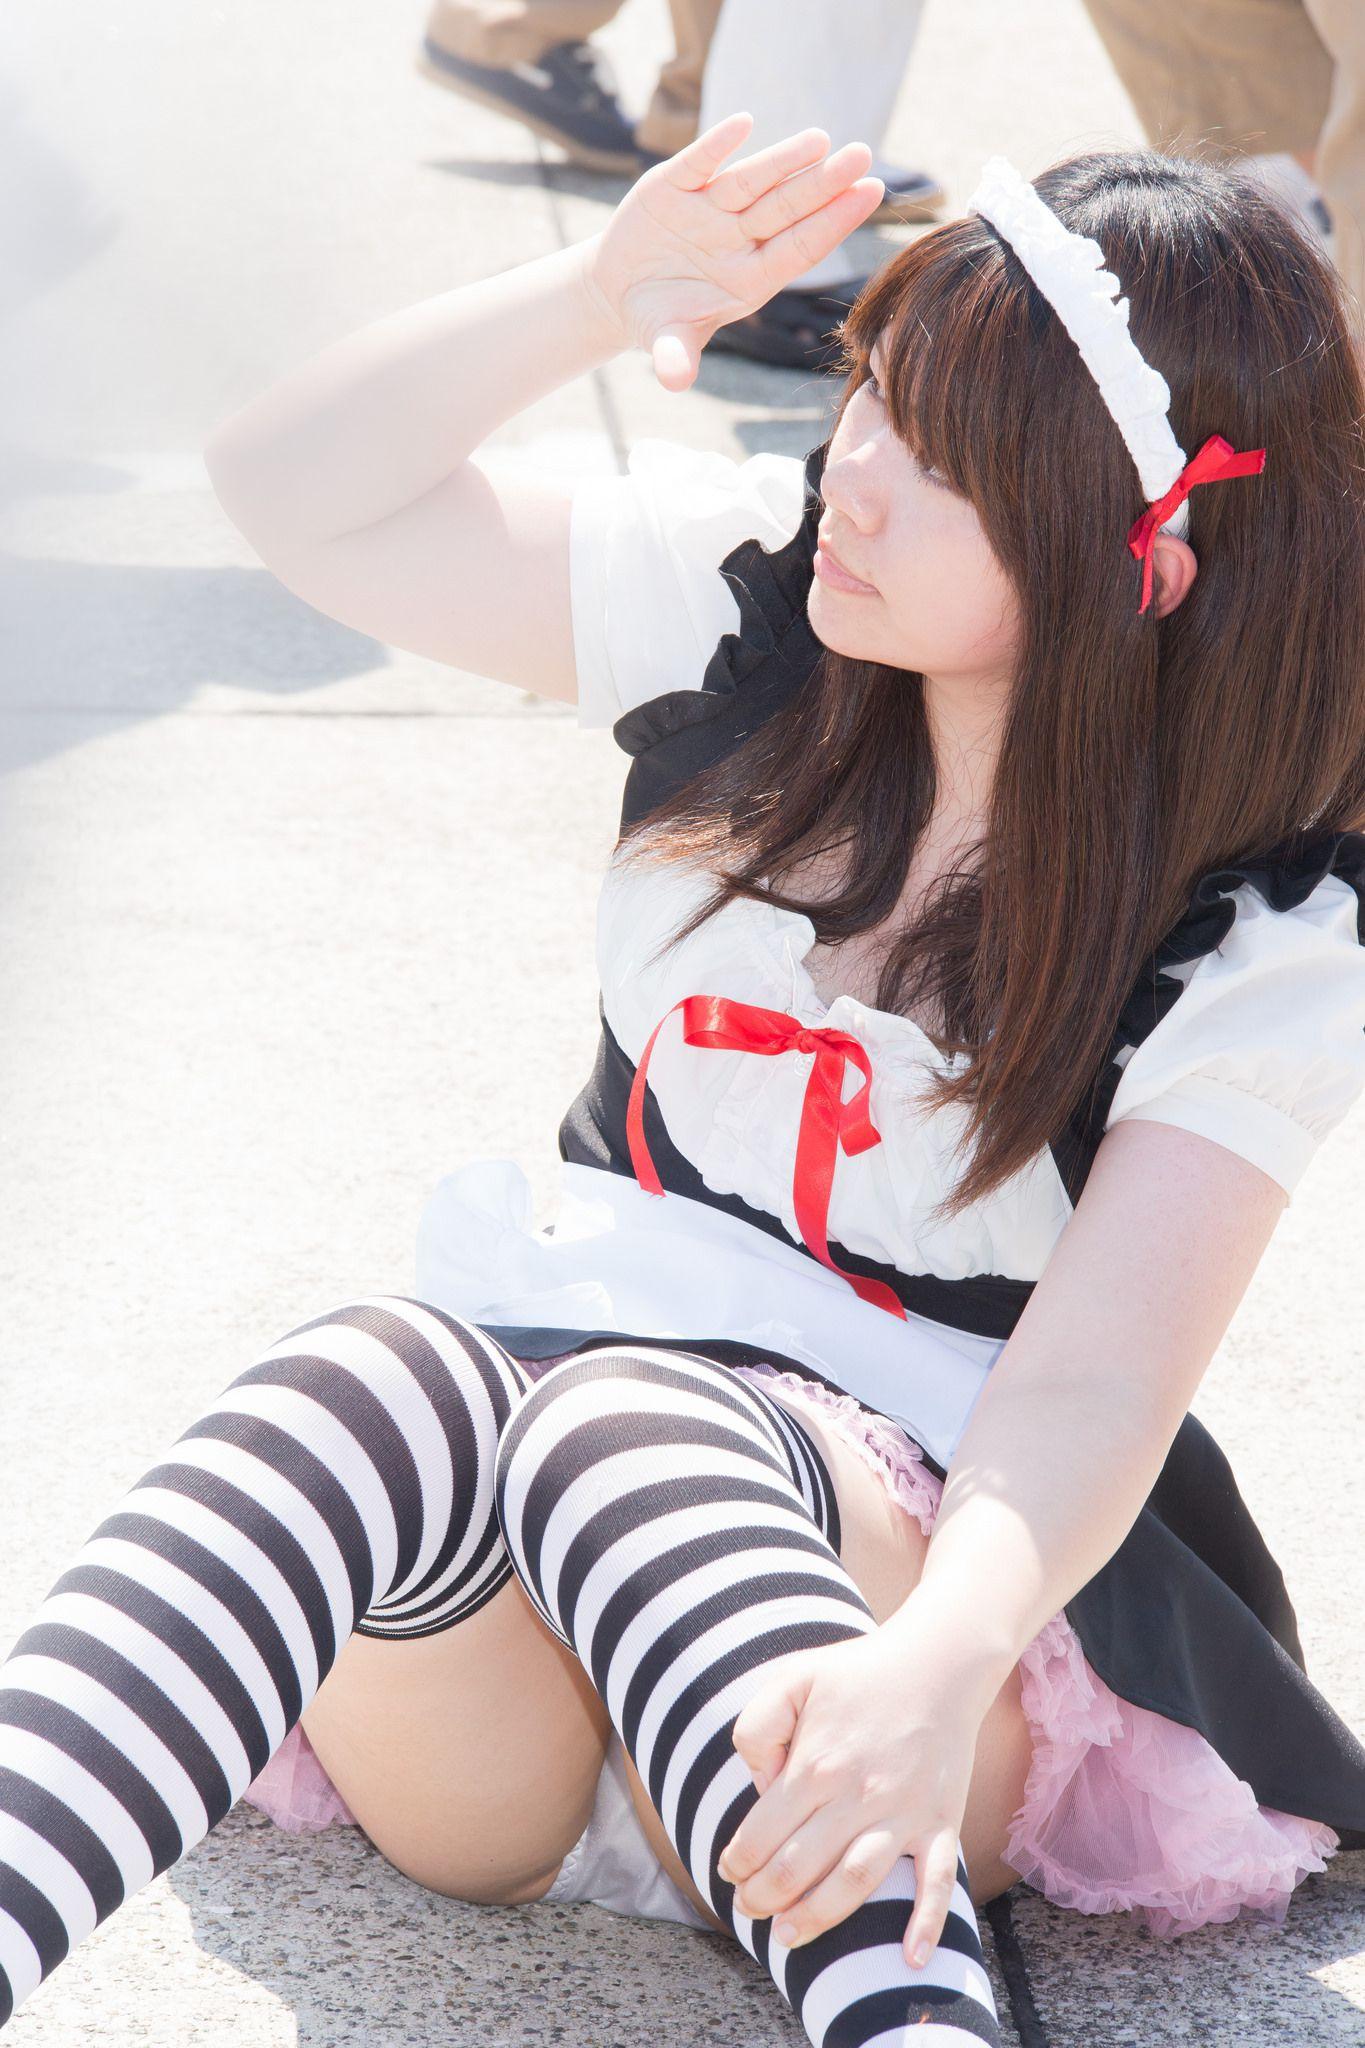 【コスプレエロ画像】直履きだといいな…コスプレイヤーのパンツ!(;´Д`)